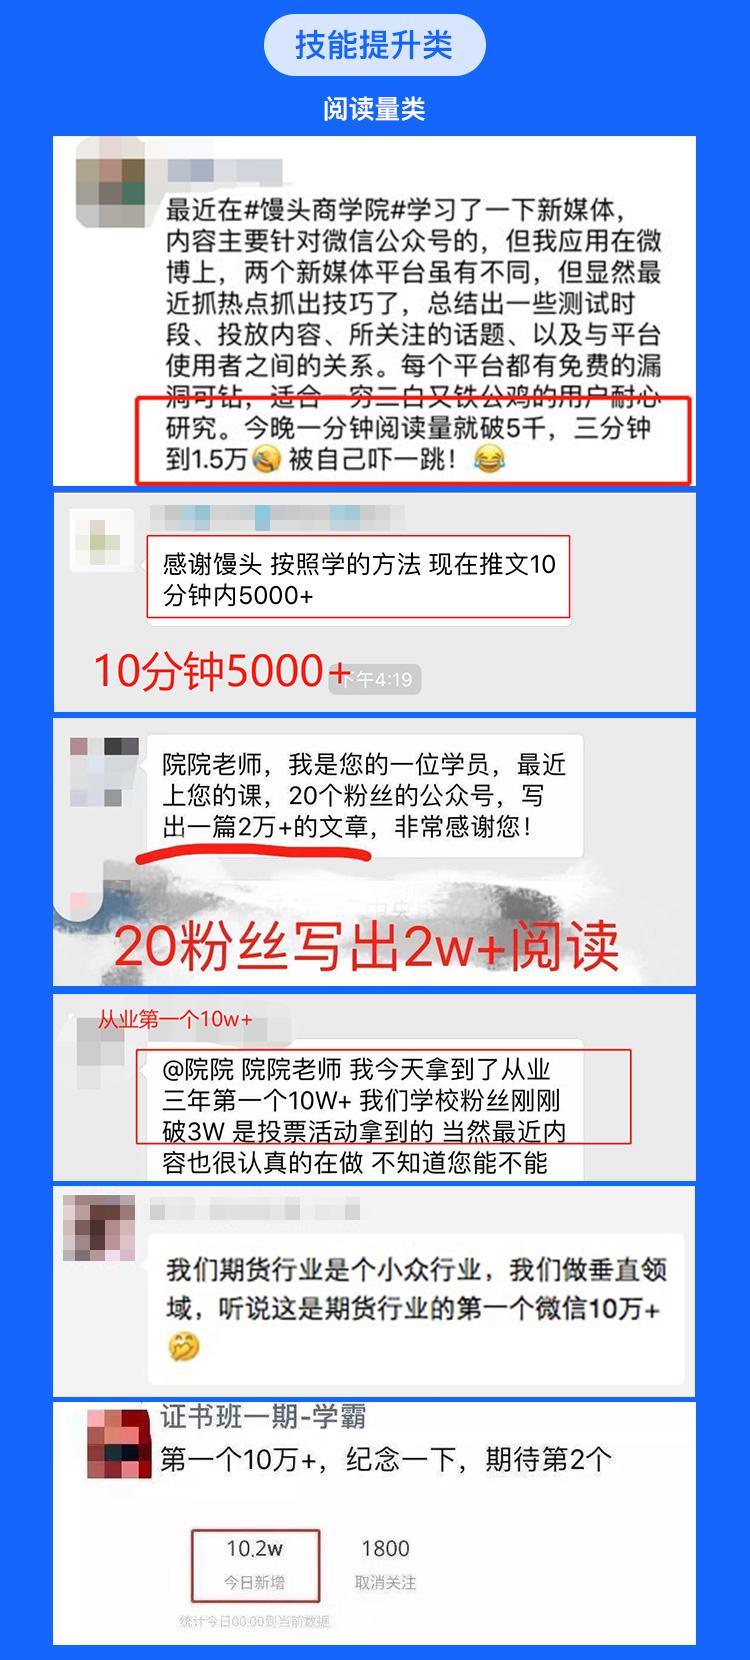 http://mtedu-img.oss-cn-beijing-internal.aliyuncs.com/ueditor/20190801163224_541576.jpg